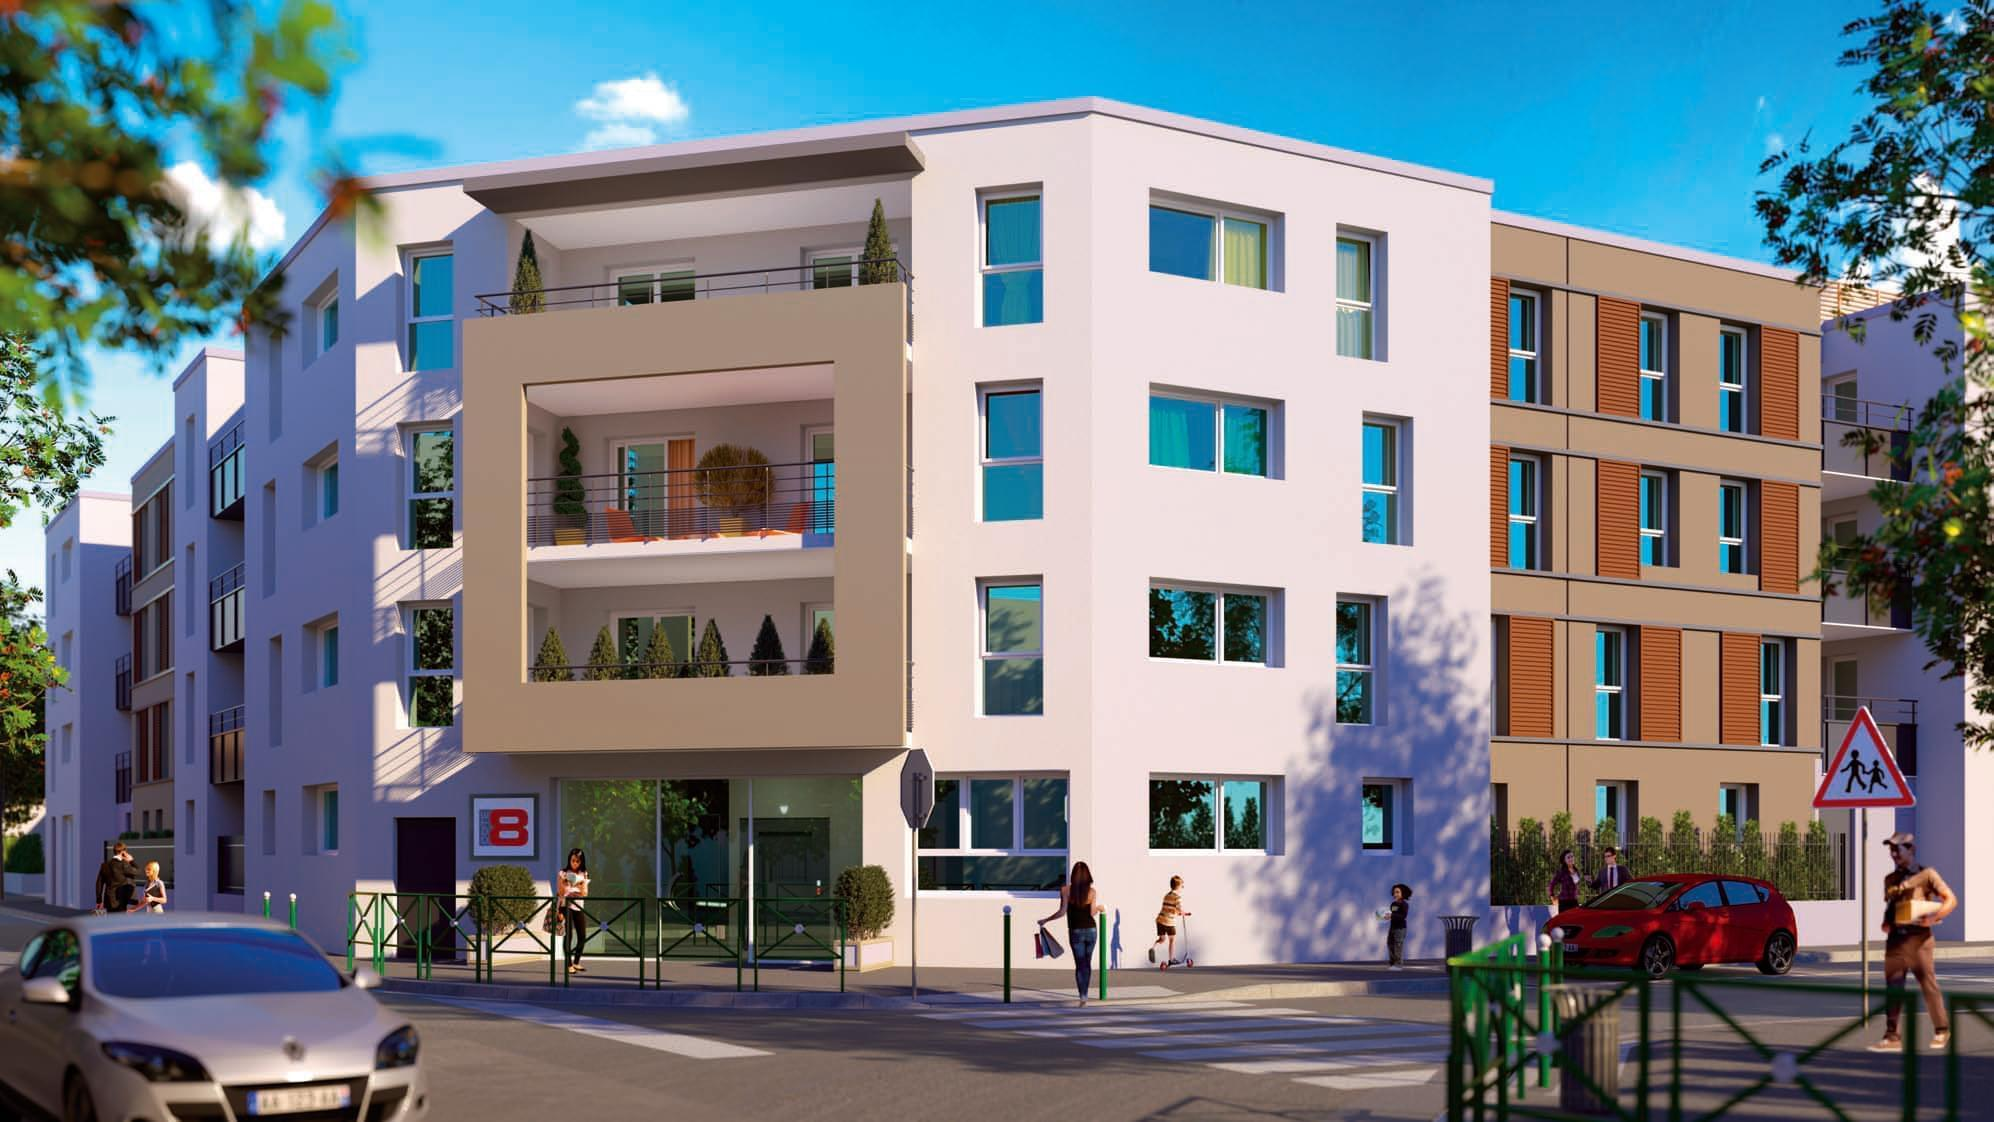 logement neuf pour investir lyon 8 moulin vent c t 8 me 57 logements. Black Bedroom Furniture Sets. Home Design Ideas